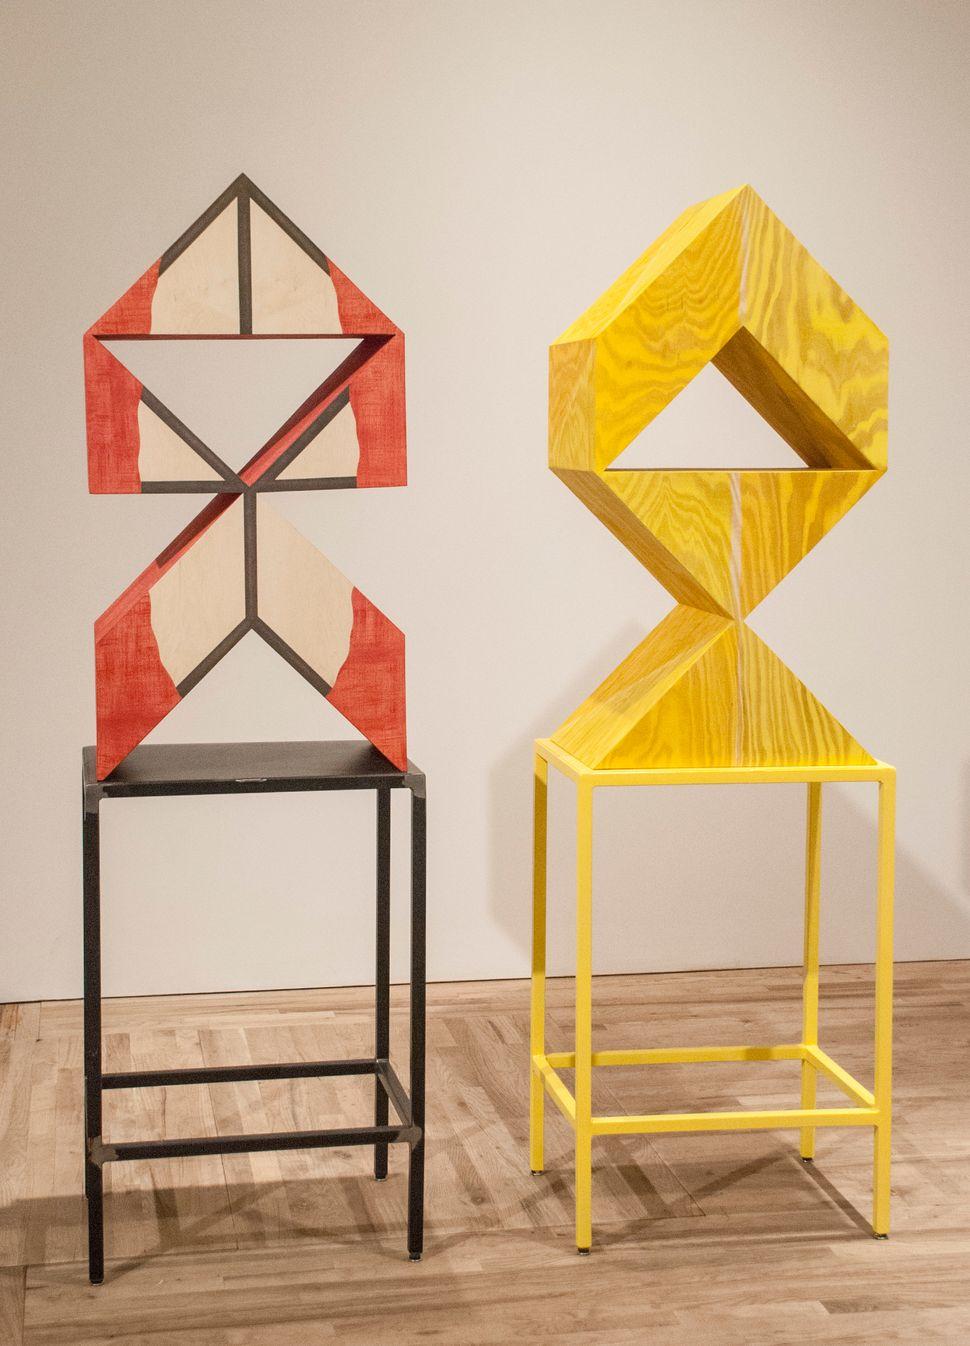 Rachel Beach  Hull 2014  oil, acrylic plywood, metal stand  78 x 24 x 17.5 inches      Demi 2014  oil, acrylic plywood, metal